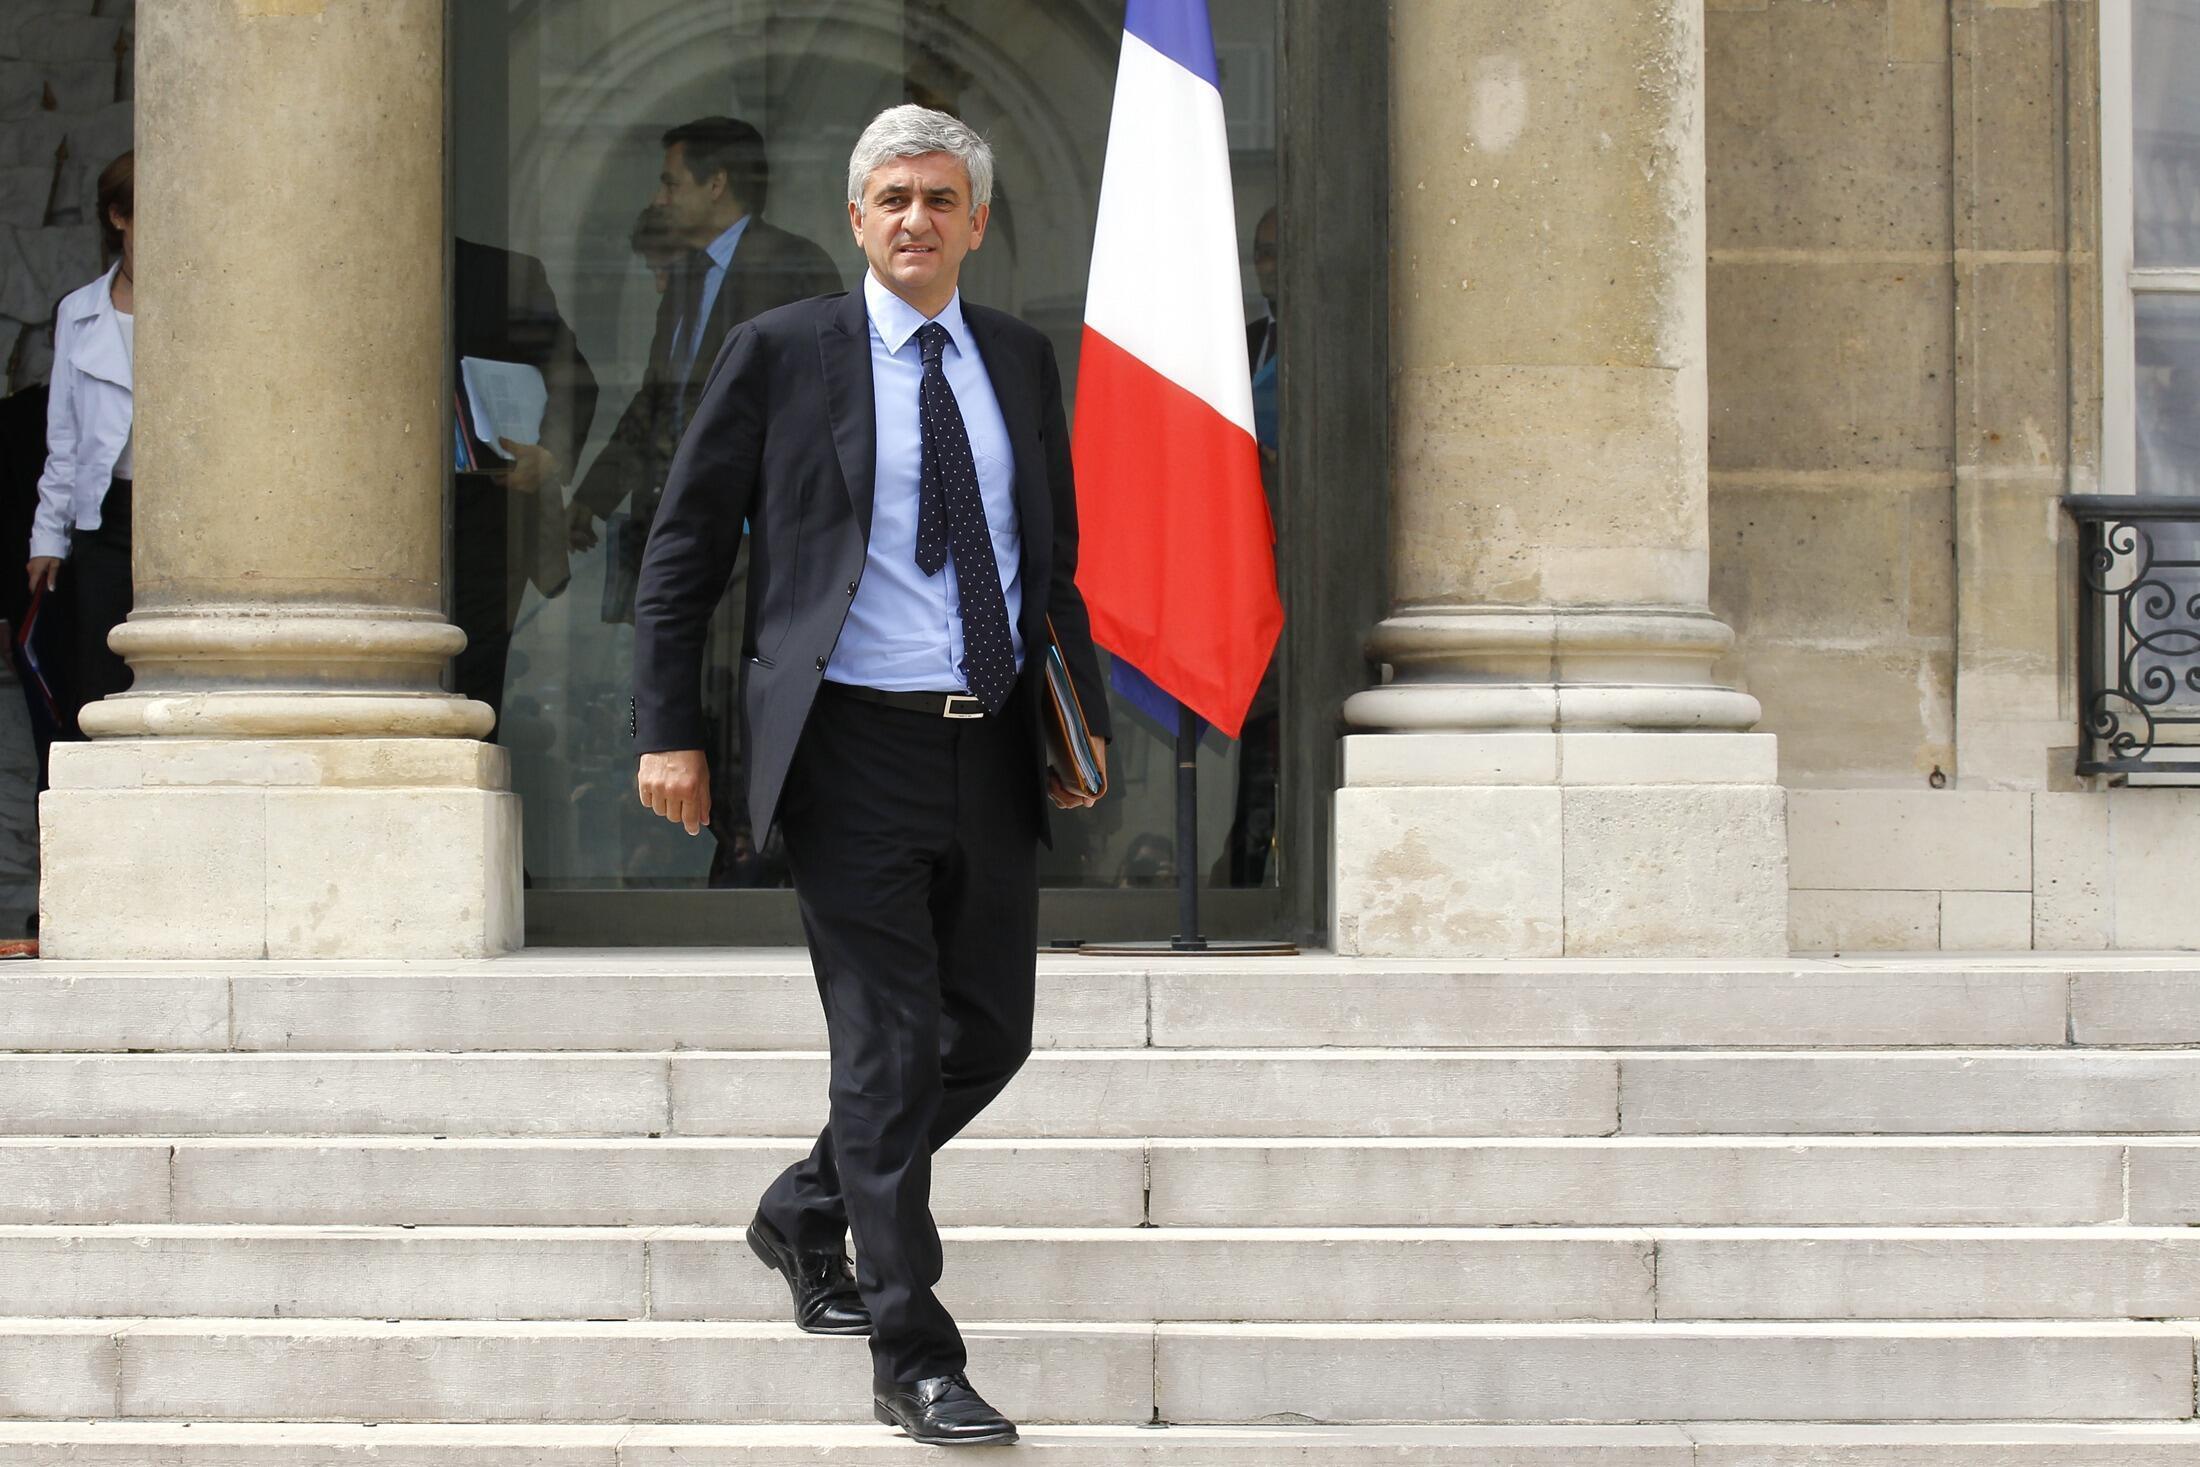 L'ancien ministre de la Défense, au palais de l'Elysée en juillet 2010